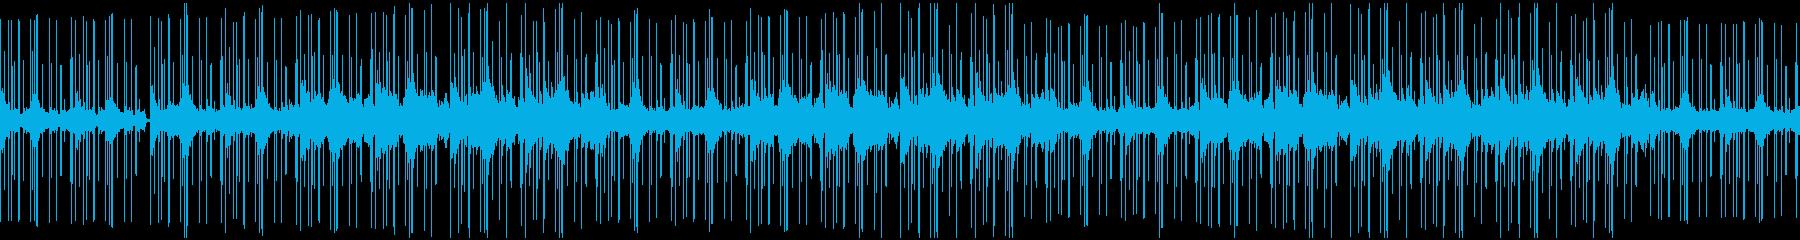 冬のローファイサウンド 落着く おしゃれの再生済みの波形